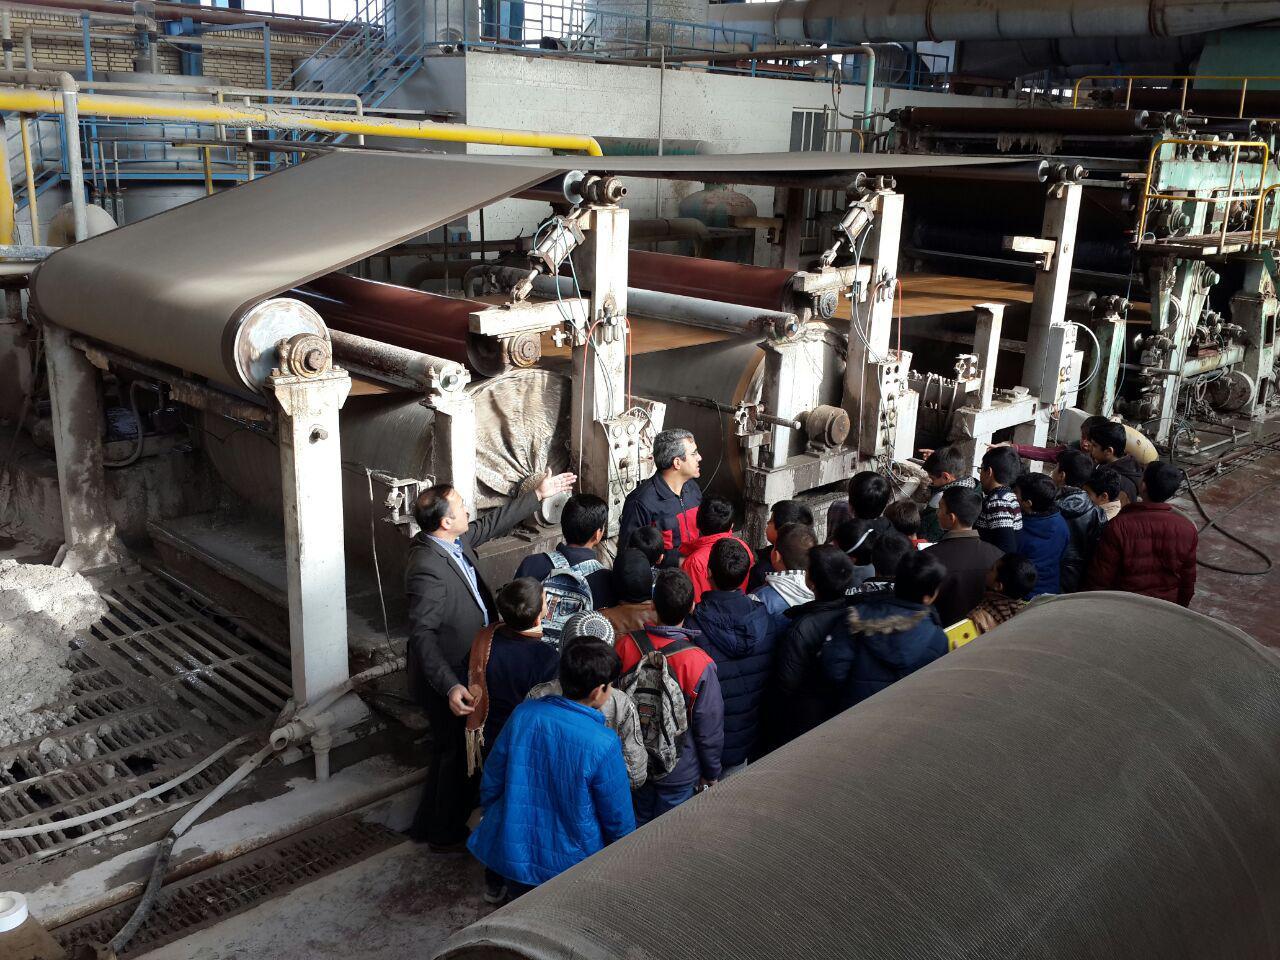 بازدید از کارخانه بازیافت کاغذ/کلاس شهید احمدی روشن